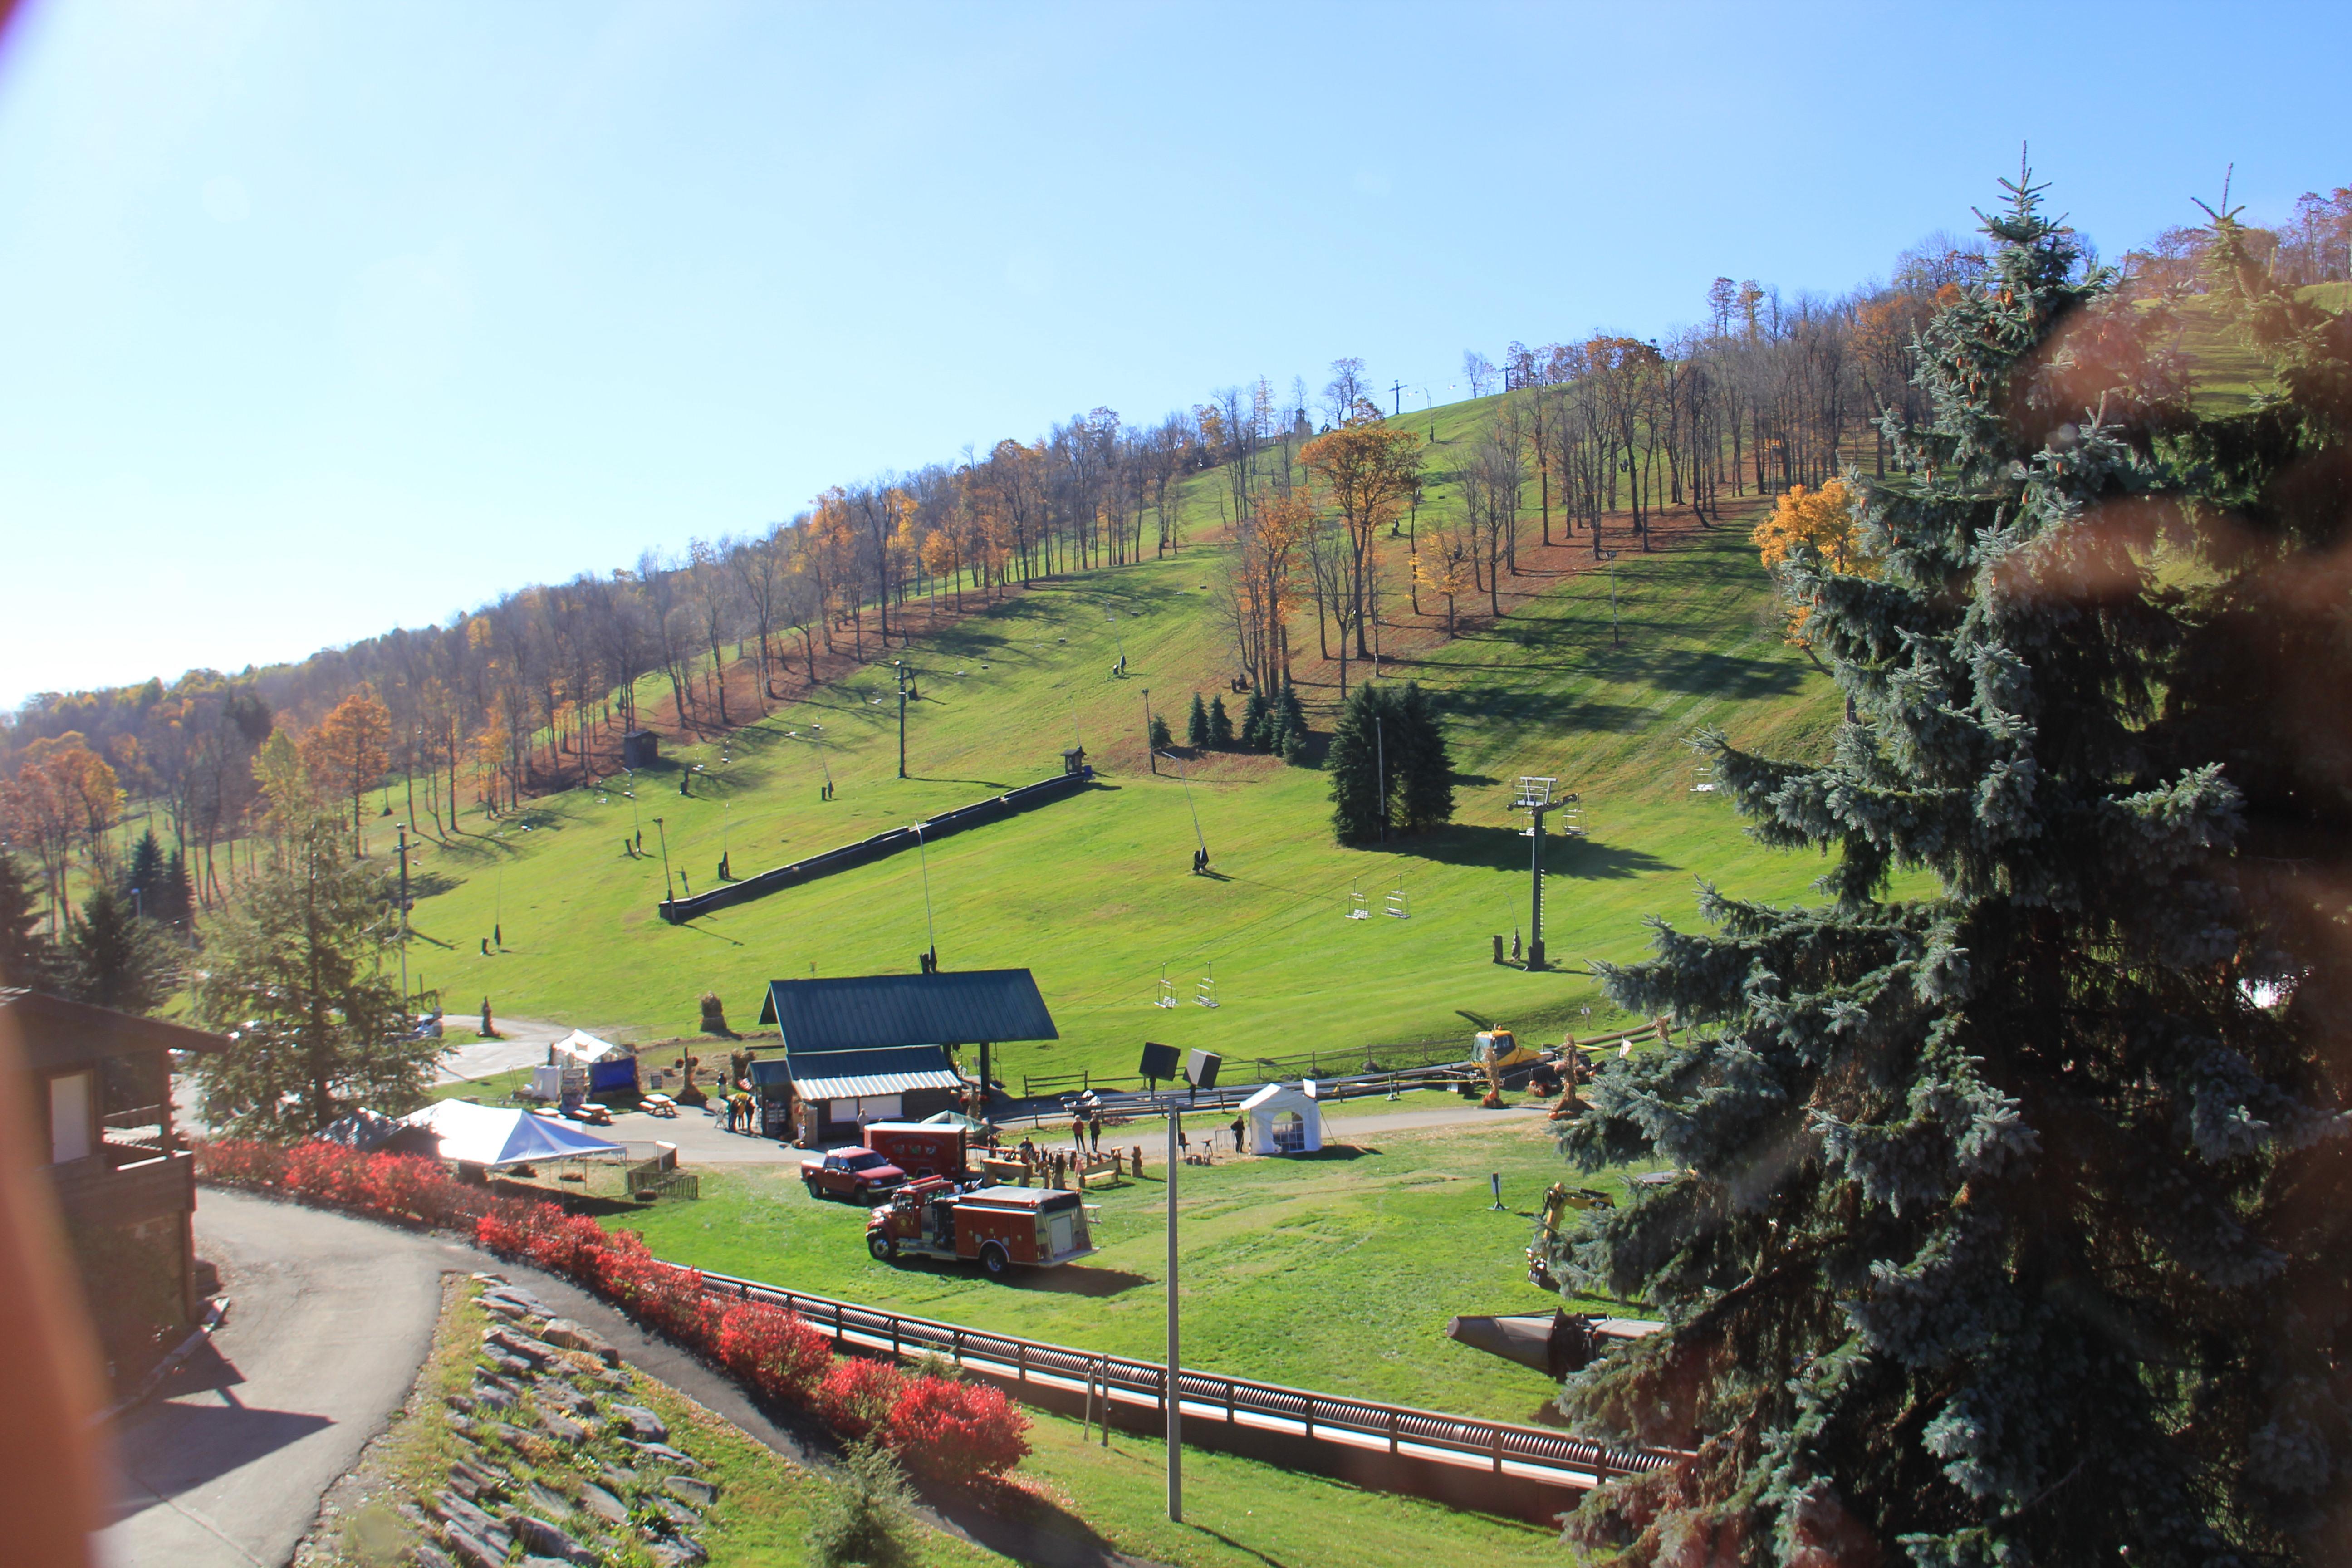 file:7 springs mountain resort - panoramio - wikimedia commons